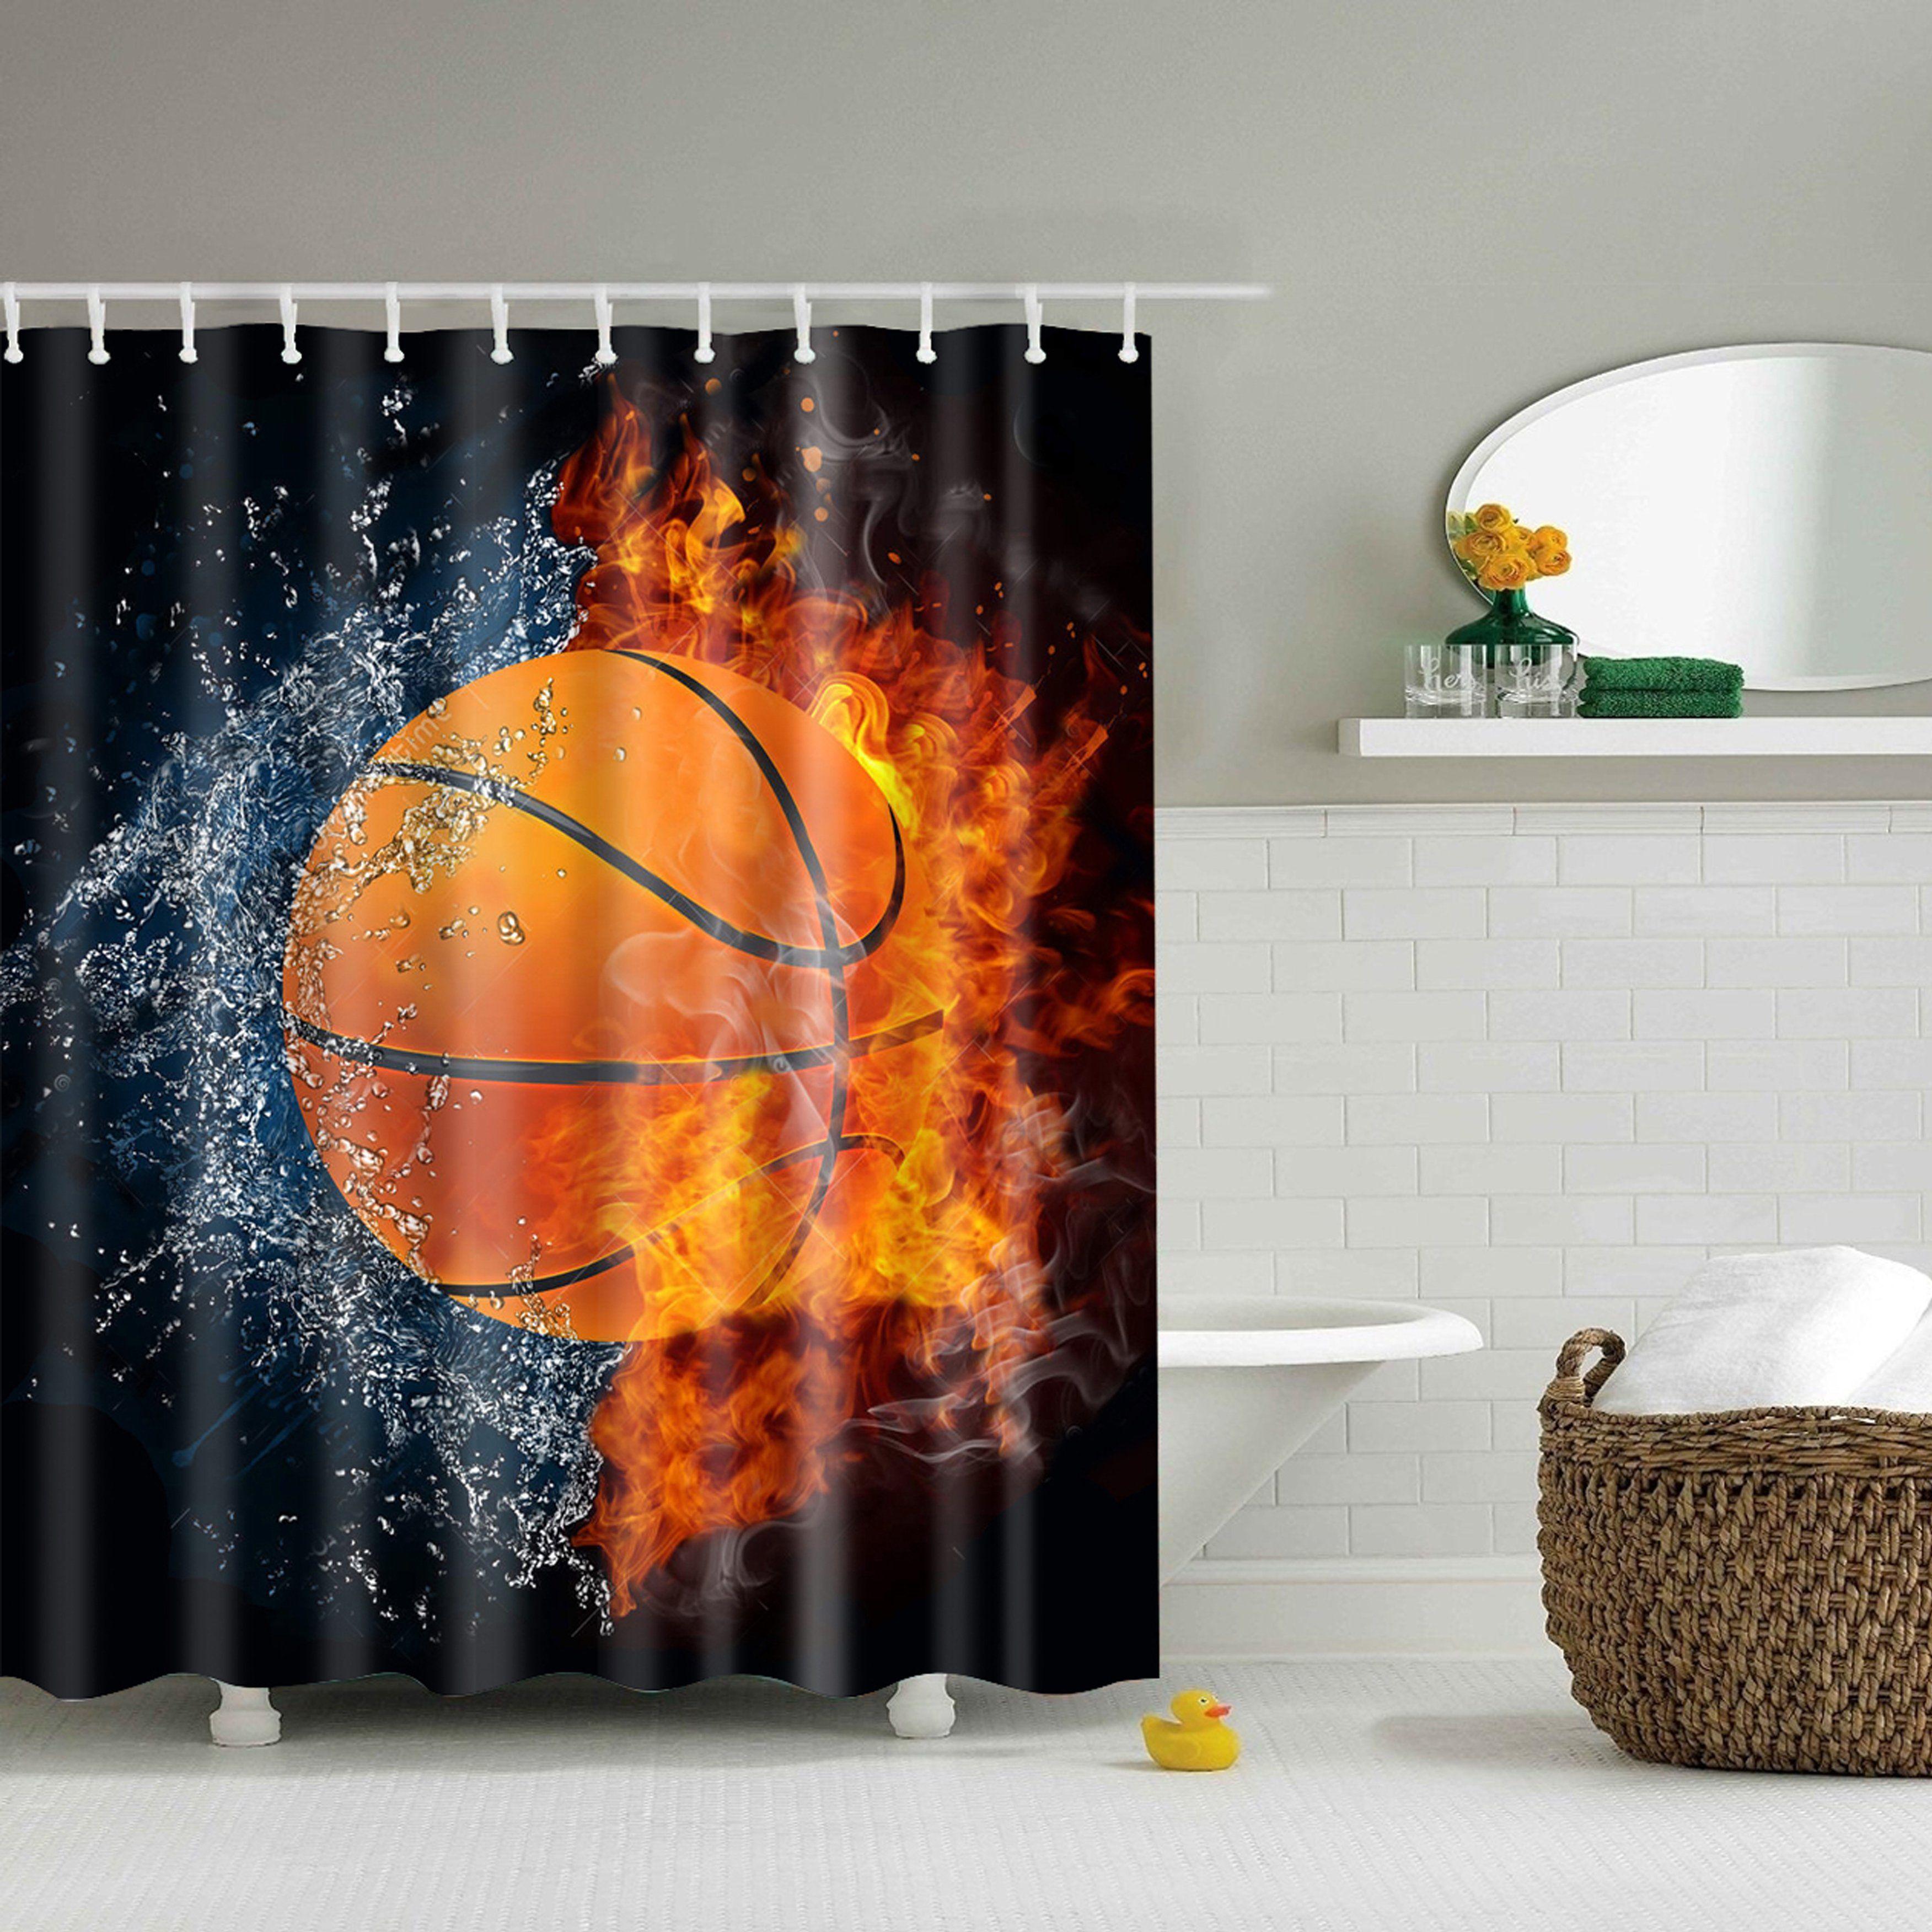 Ice And Fire Basketball Shower Curtain Bathroom Decor Basketball